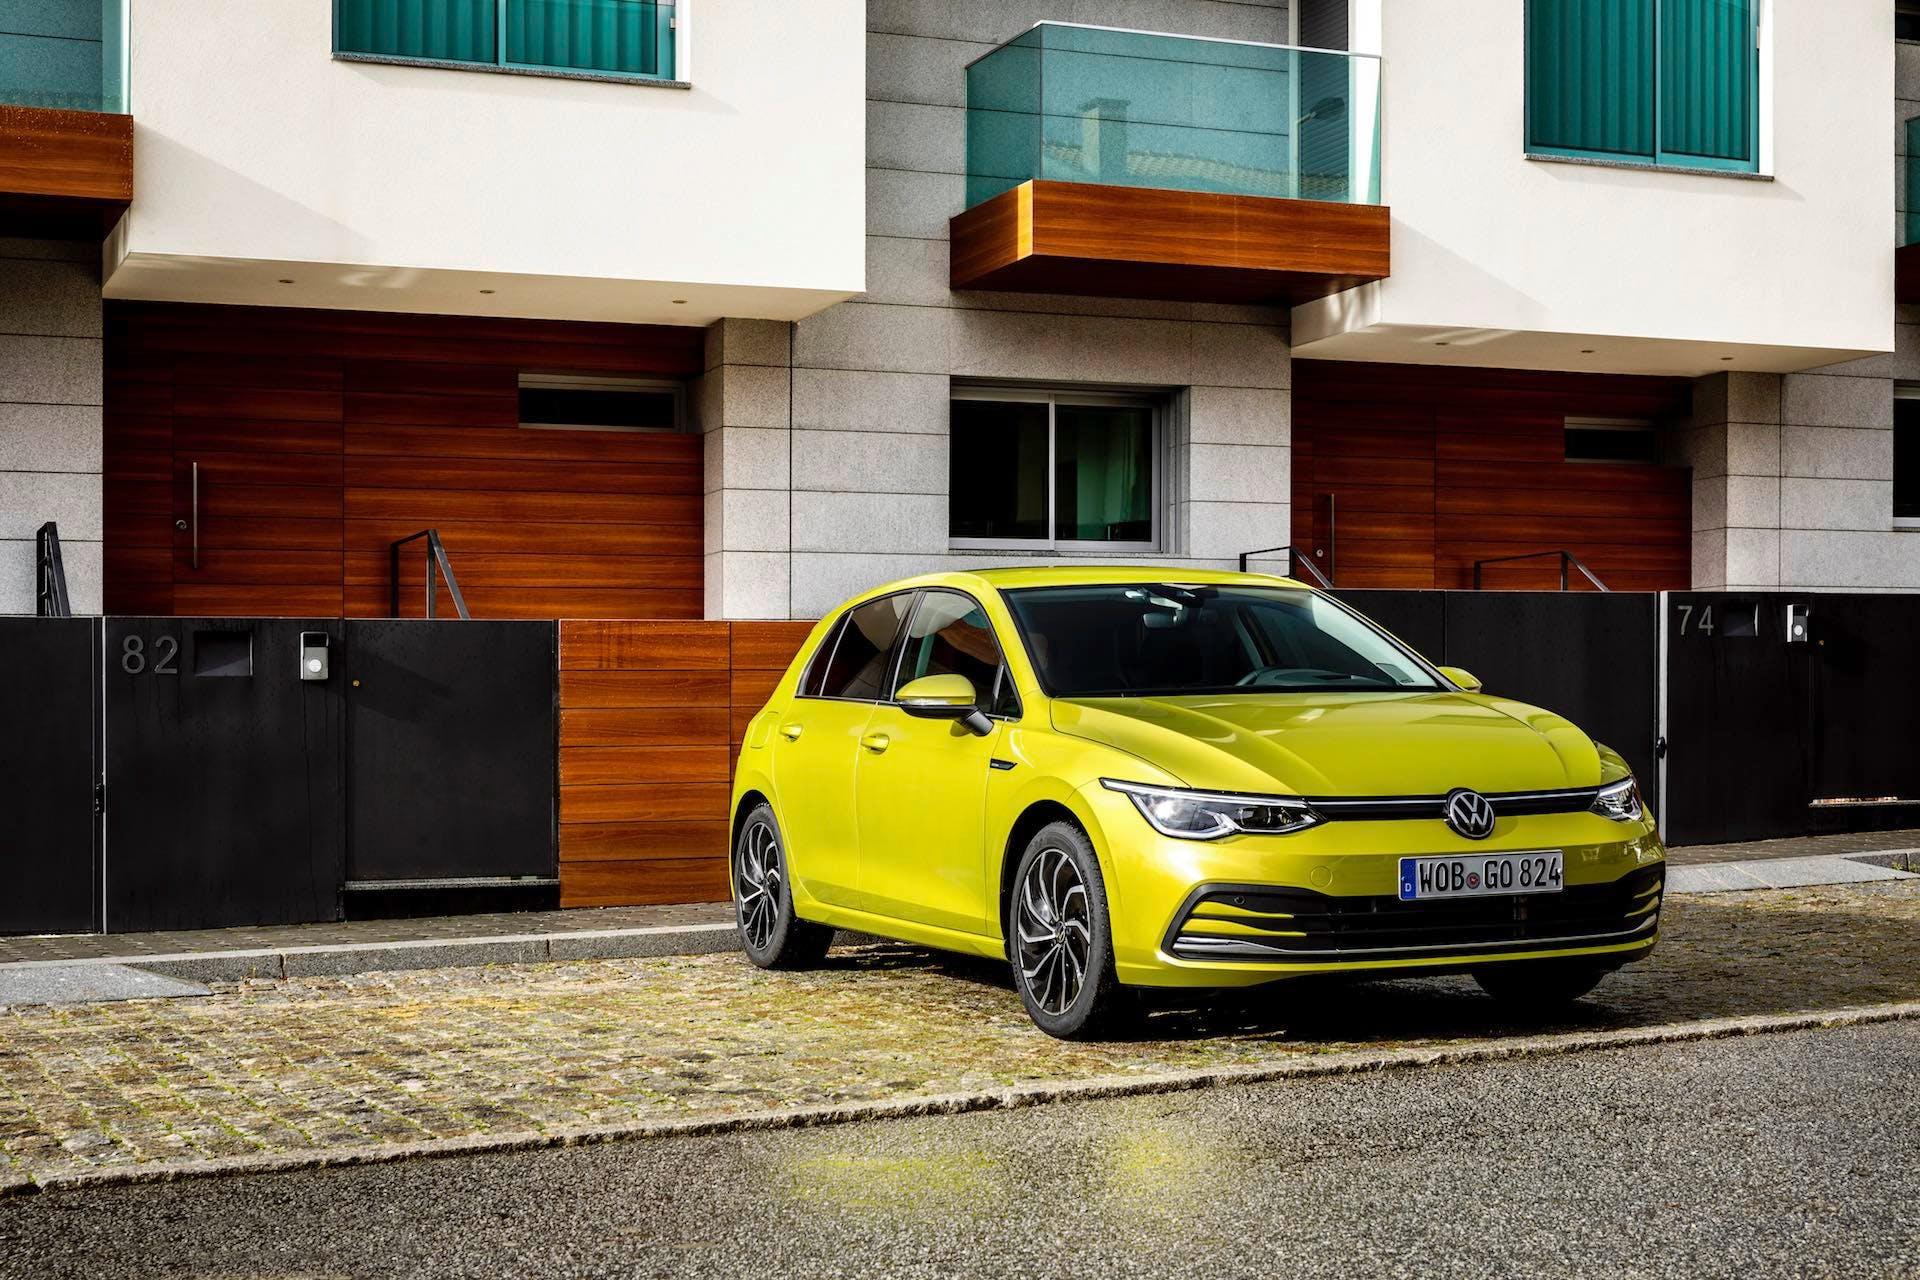 Nuova Volkswagen Golf color oro, parcheggiata ed illuminata dal sole con un edificio come sfondo.